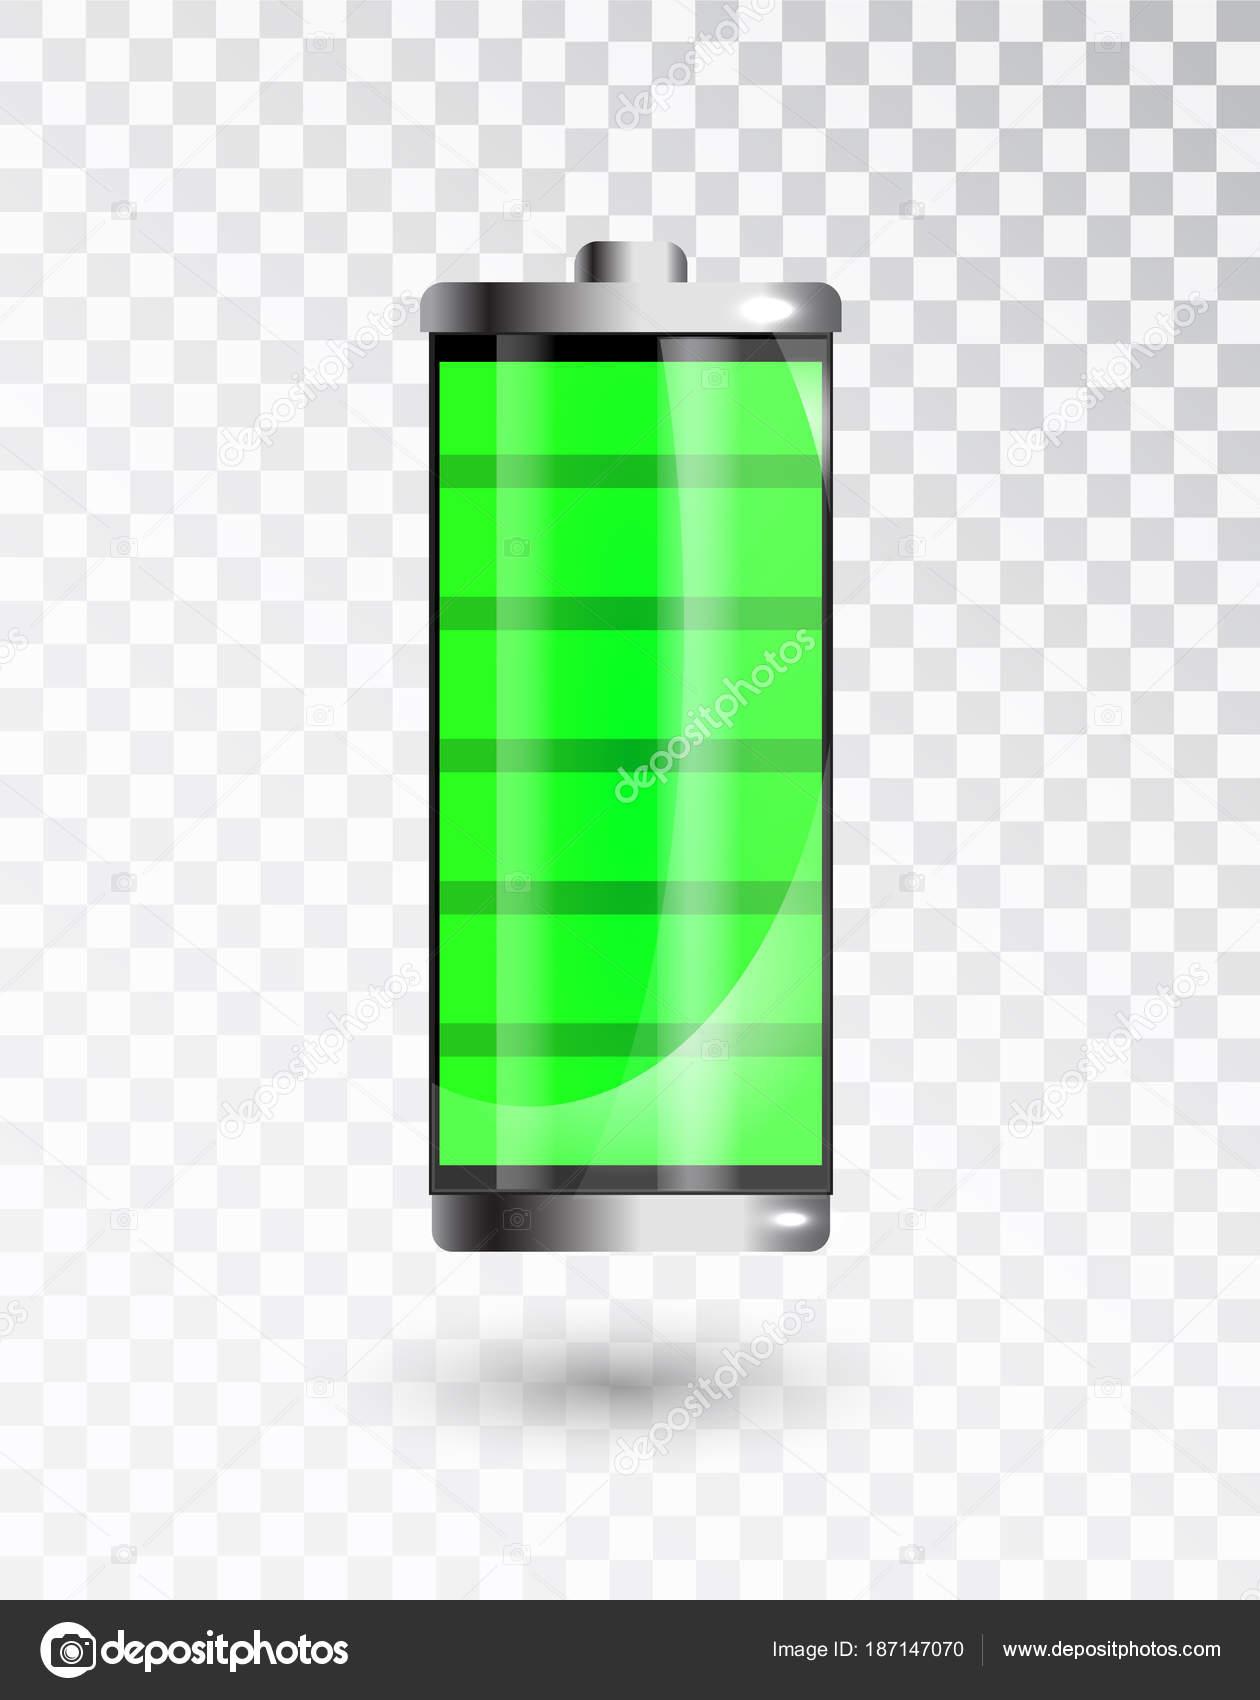 batterie charg e pleine charge de la batterie indicateur. Black Bedroom Furniture Sets. Home Design Ideas